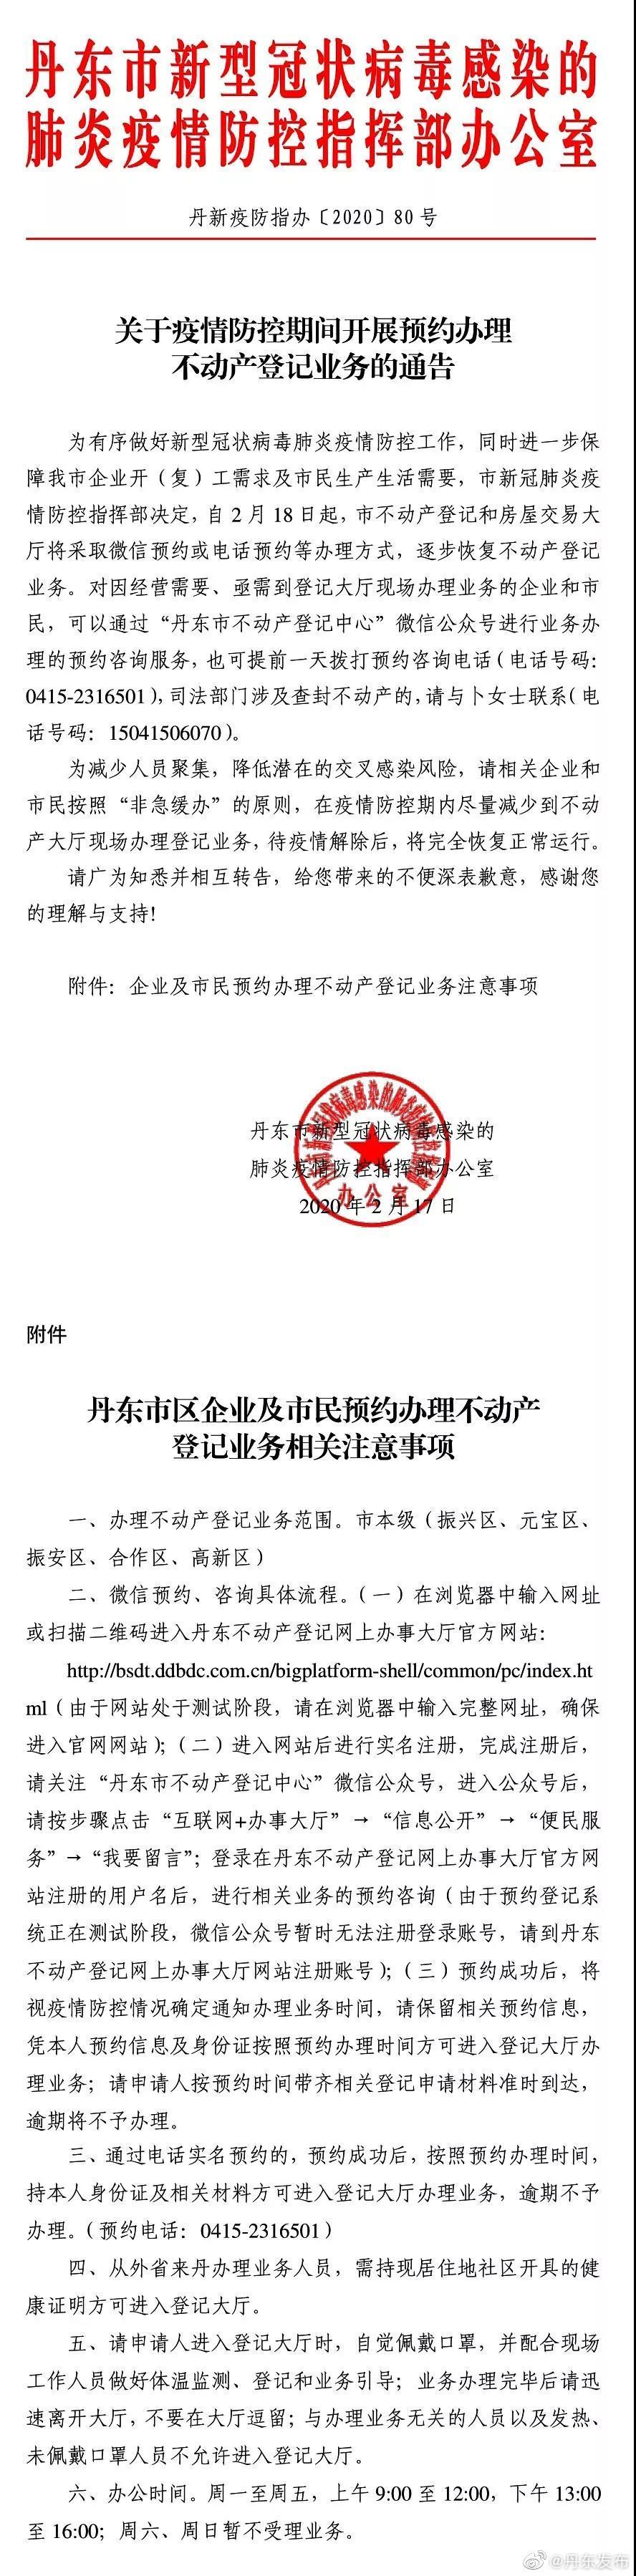 18日起市不动产登记和房屋交易大厅接受预约办理业务